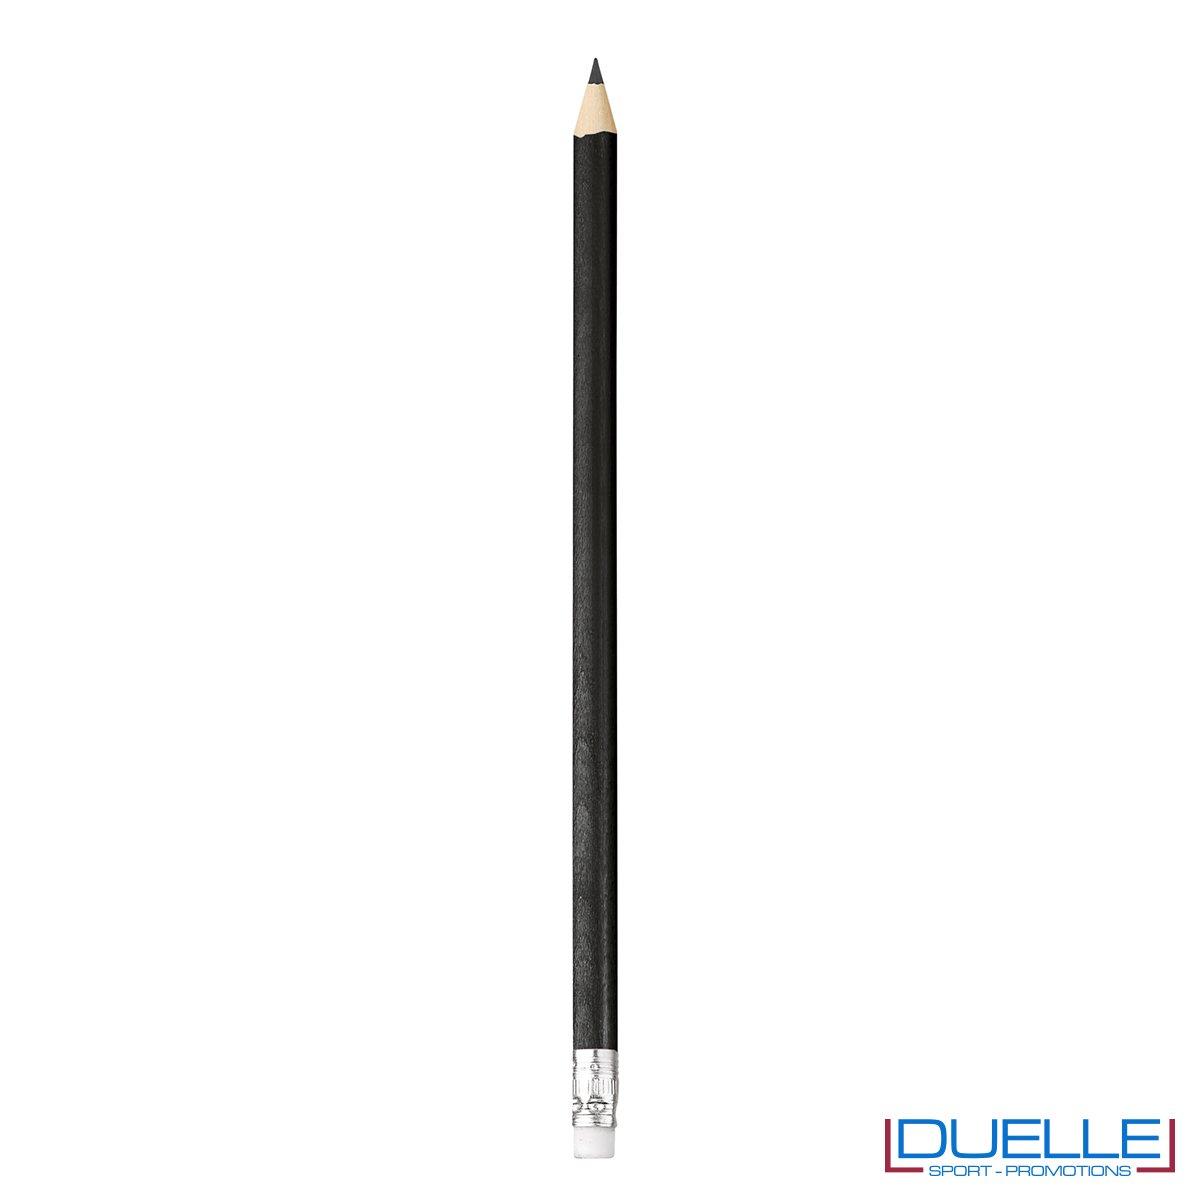 matita personalizzabile legno 100% naturale nera con gomma incorporata, gadget da scrivania